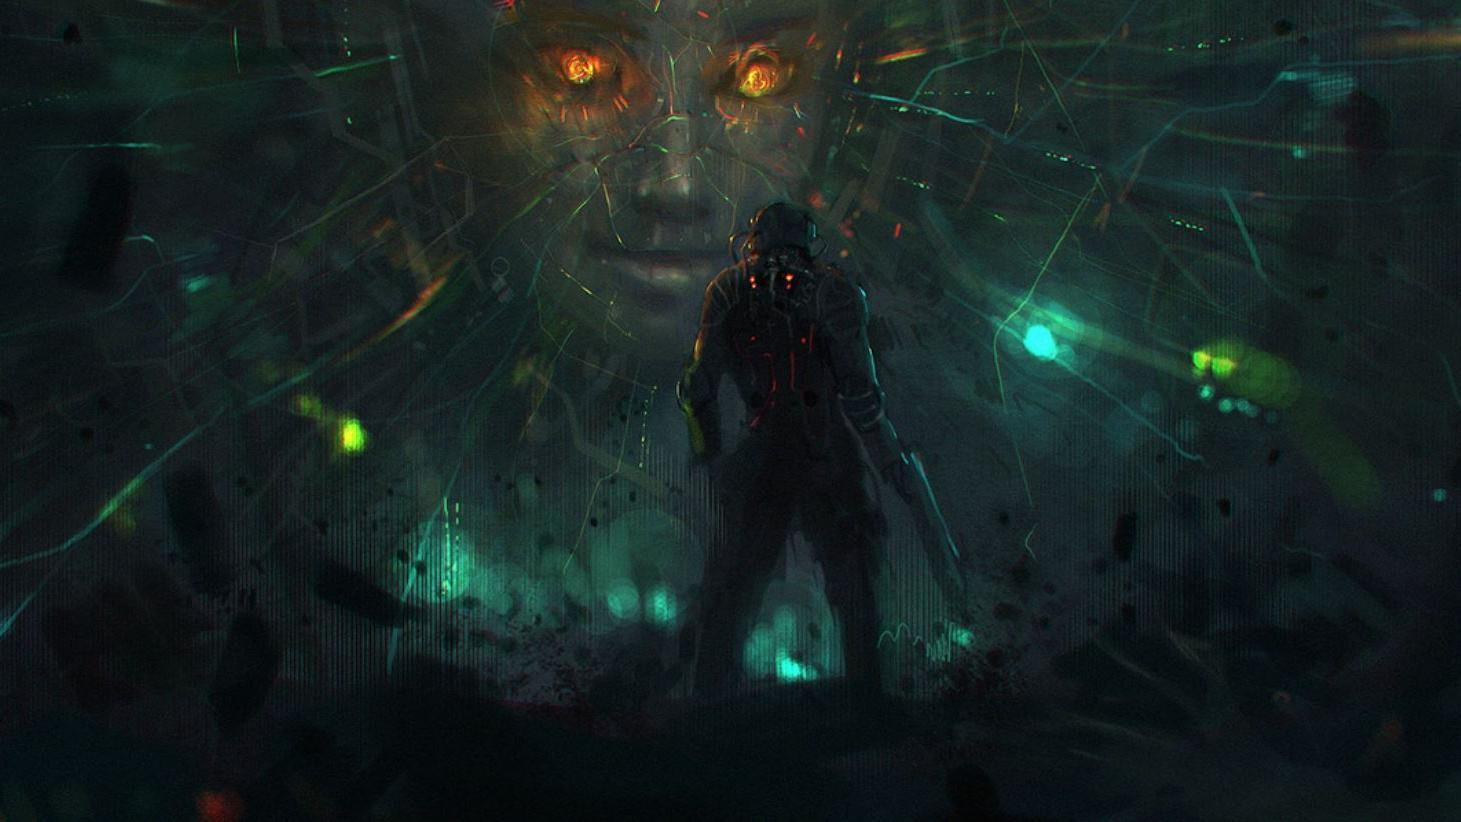 Прохождение System Shock (2021) — гайд по ремейку культовой игры